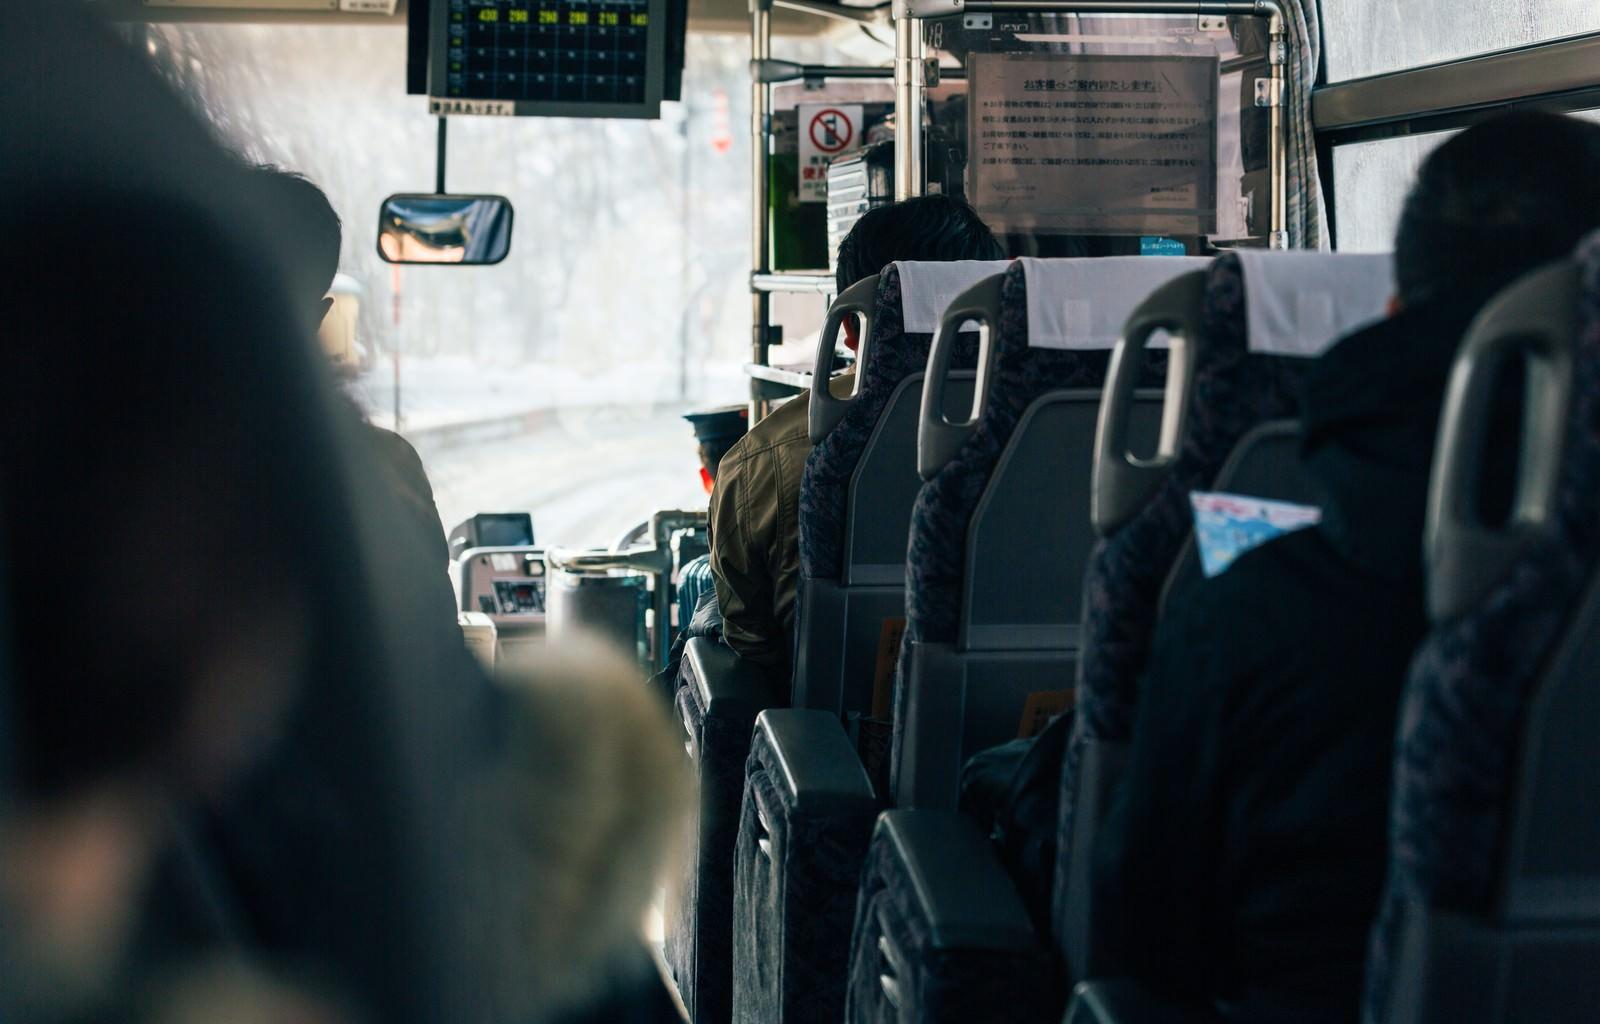 「高速バス高速バス」のフリー写真素材を拡大